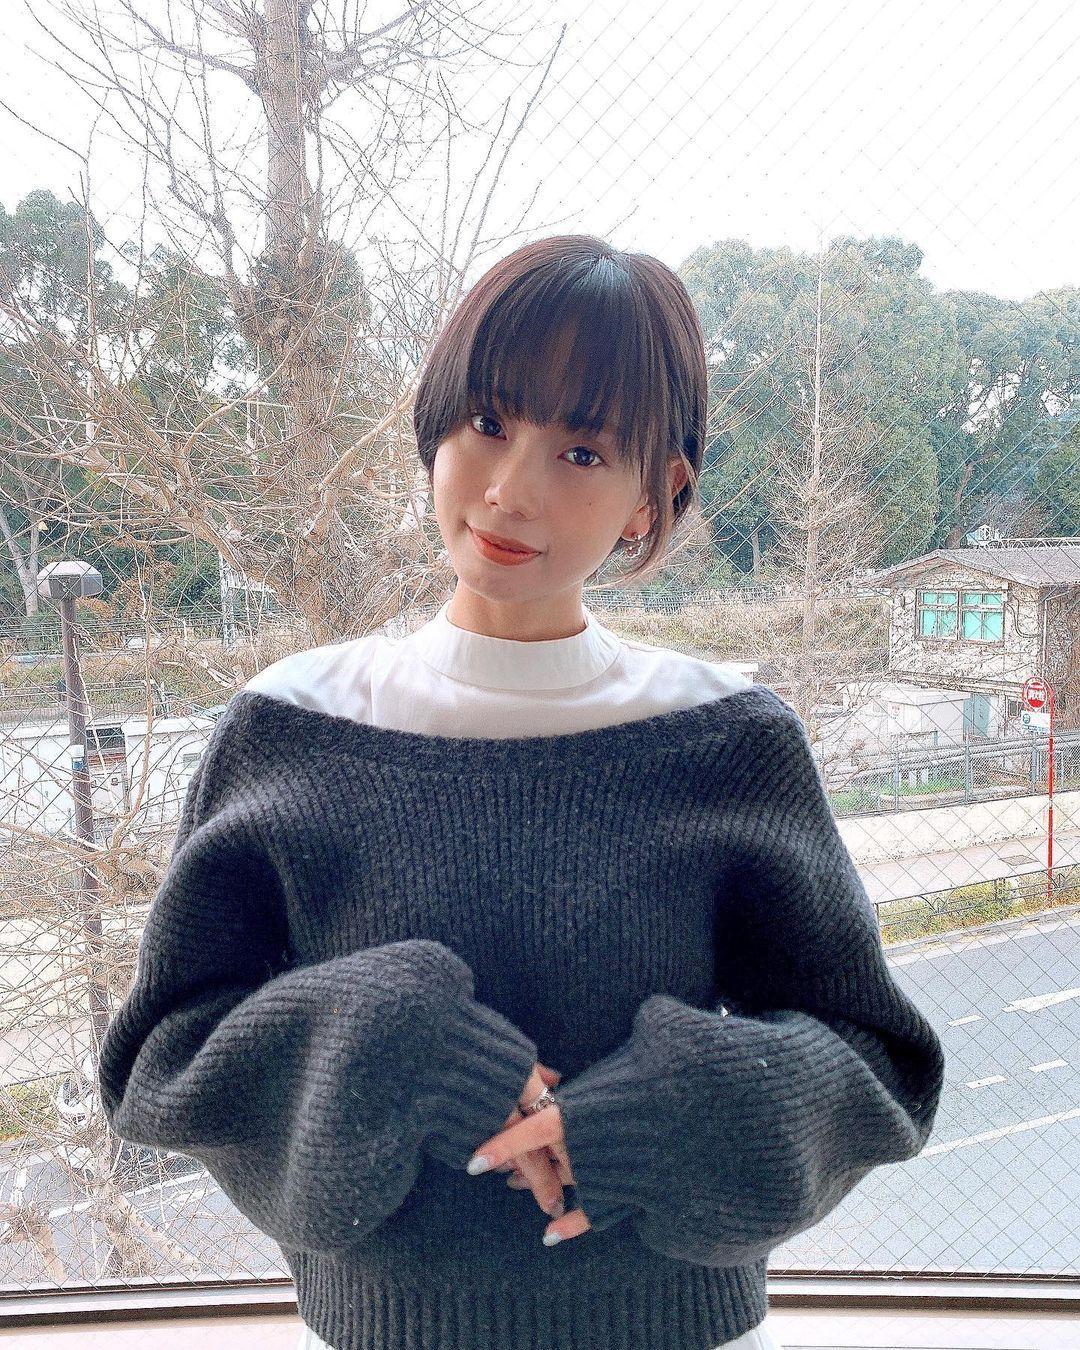 清纯短发美少女「东口优希」温暖气质让短发控一看就彻底疯狂-新图包